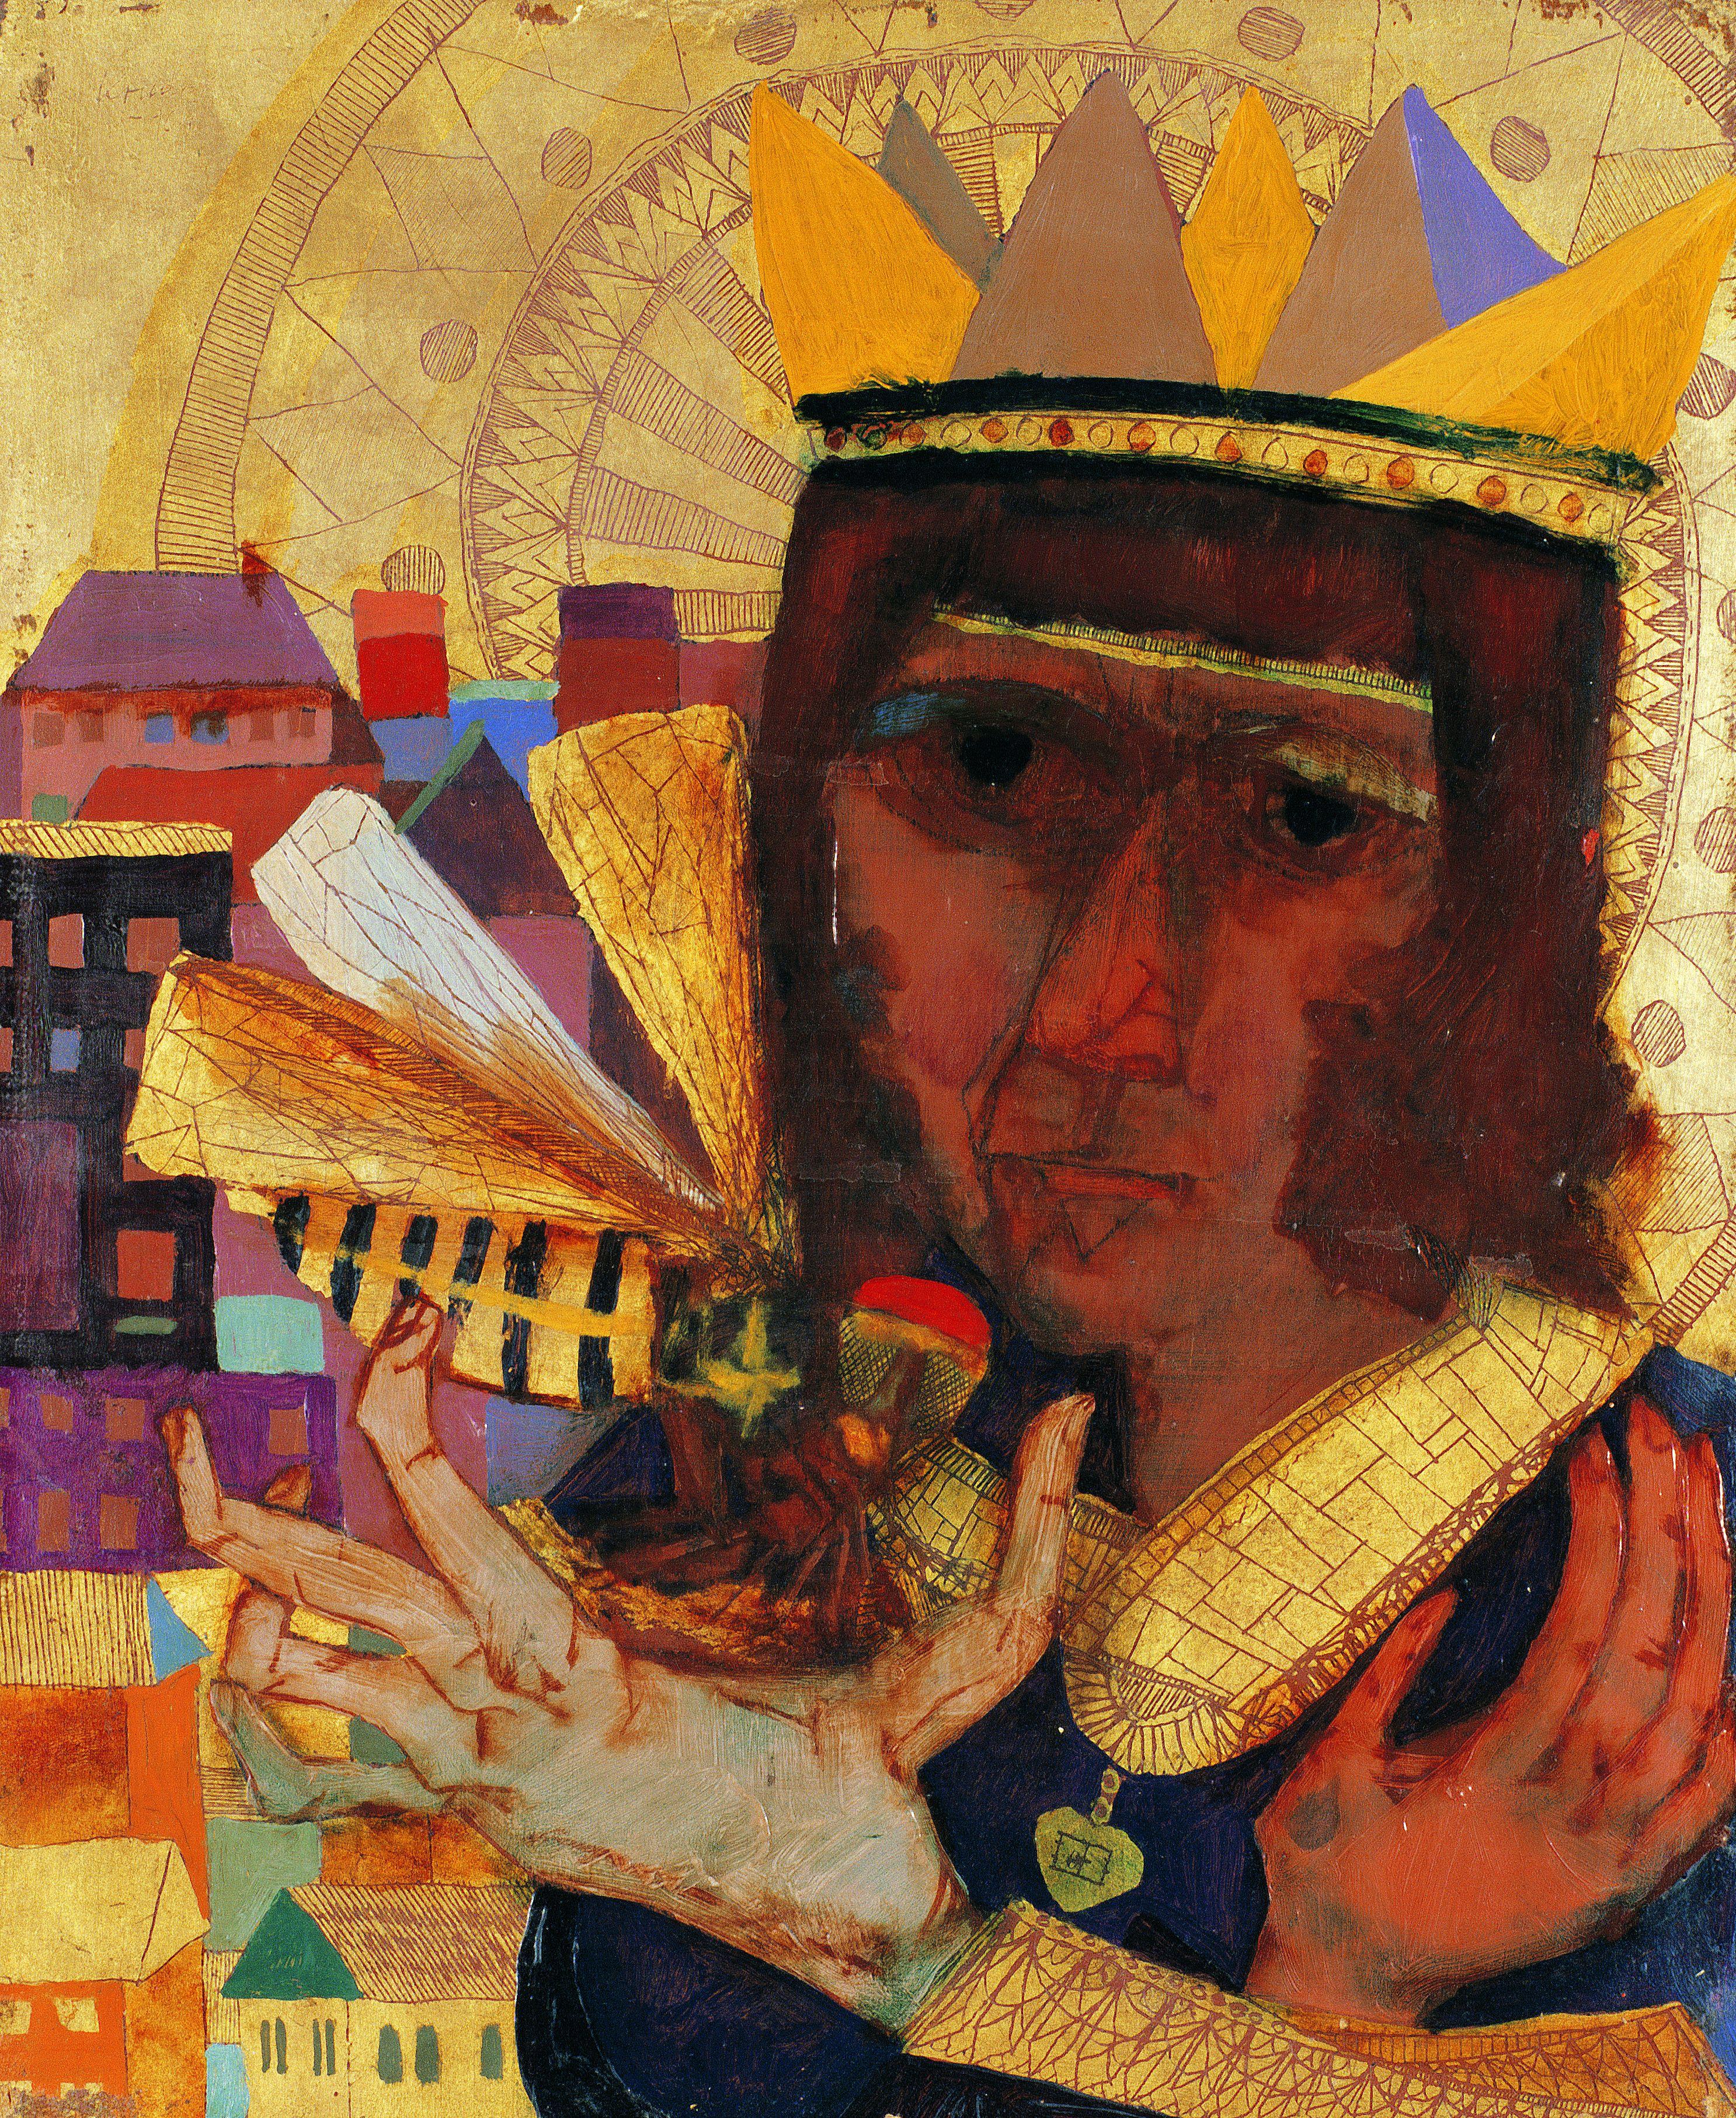 Darázskirály (1963) olaj, vászon, 34 x 27 cm, Xántus János Múzeum, Patkó Imre Gyűjtemény